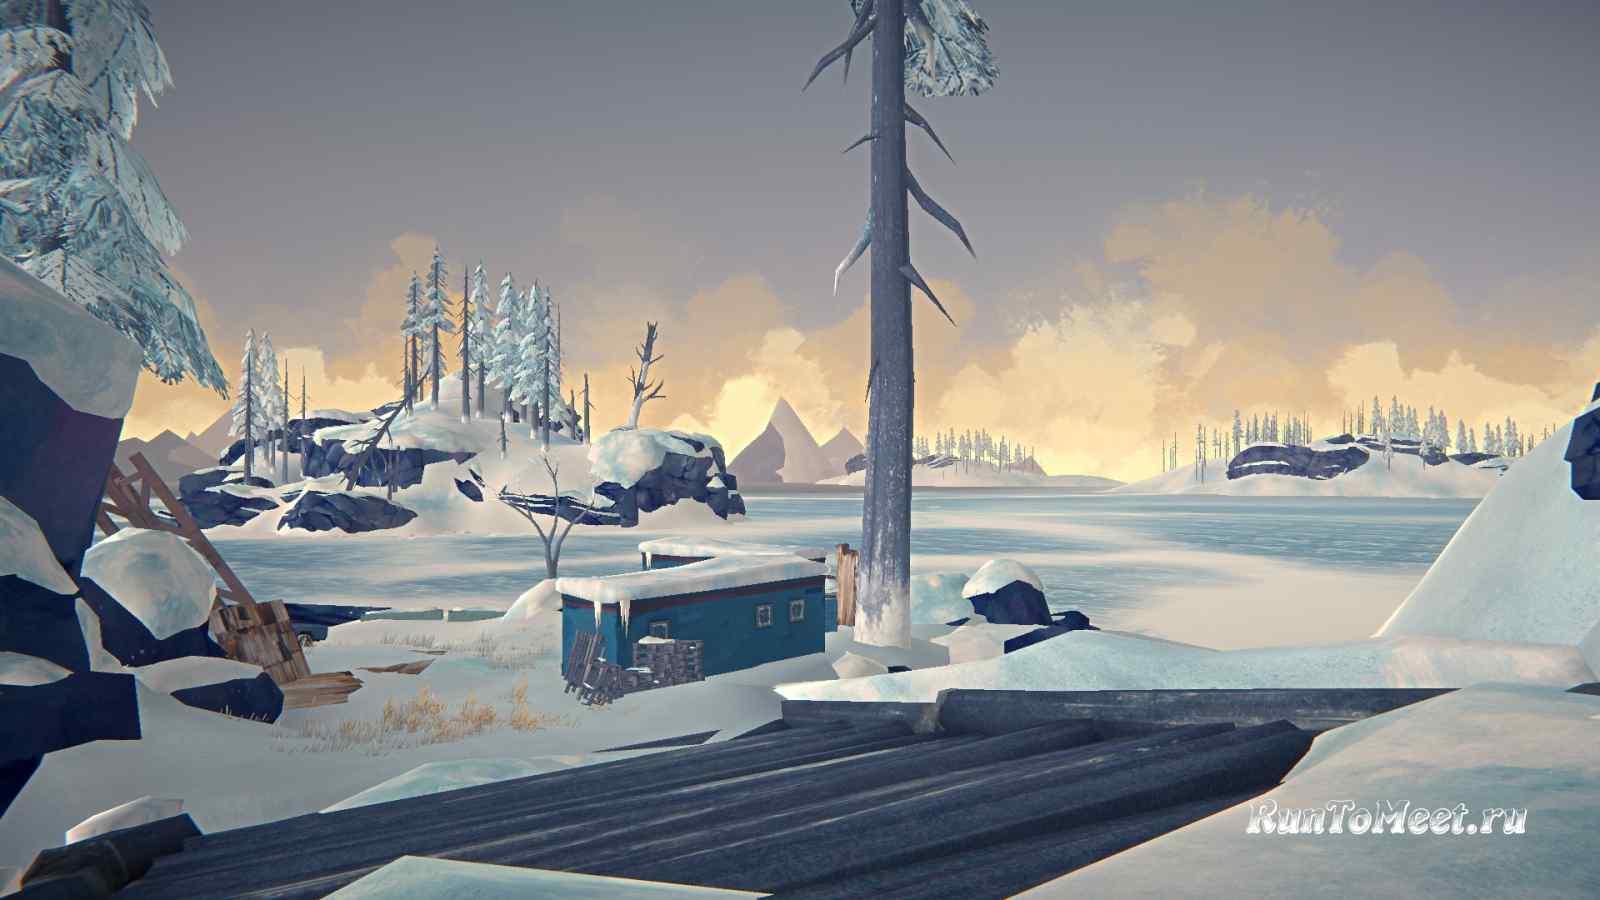 Вагончики, возле Консервного завода, на Бледной бухте, в игре The long dark